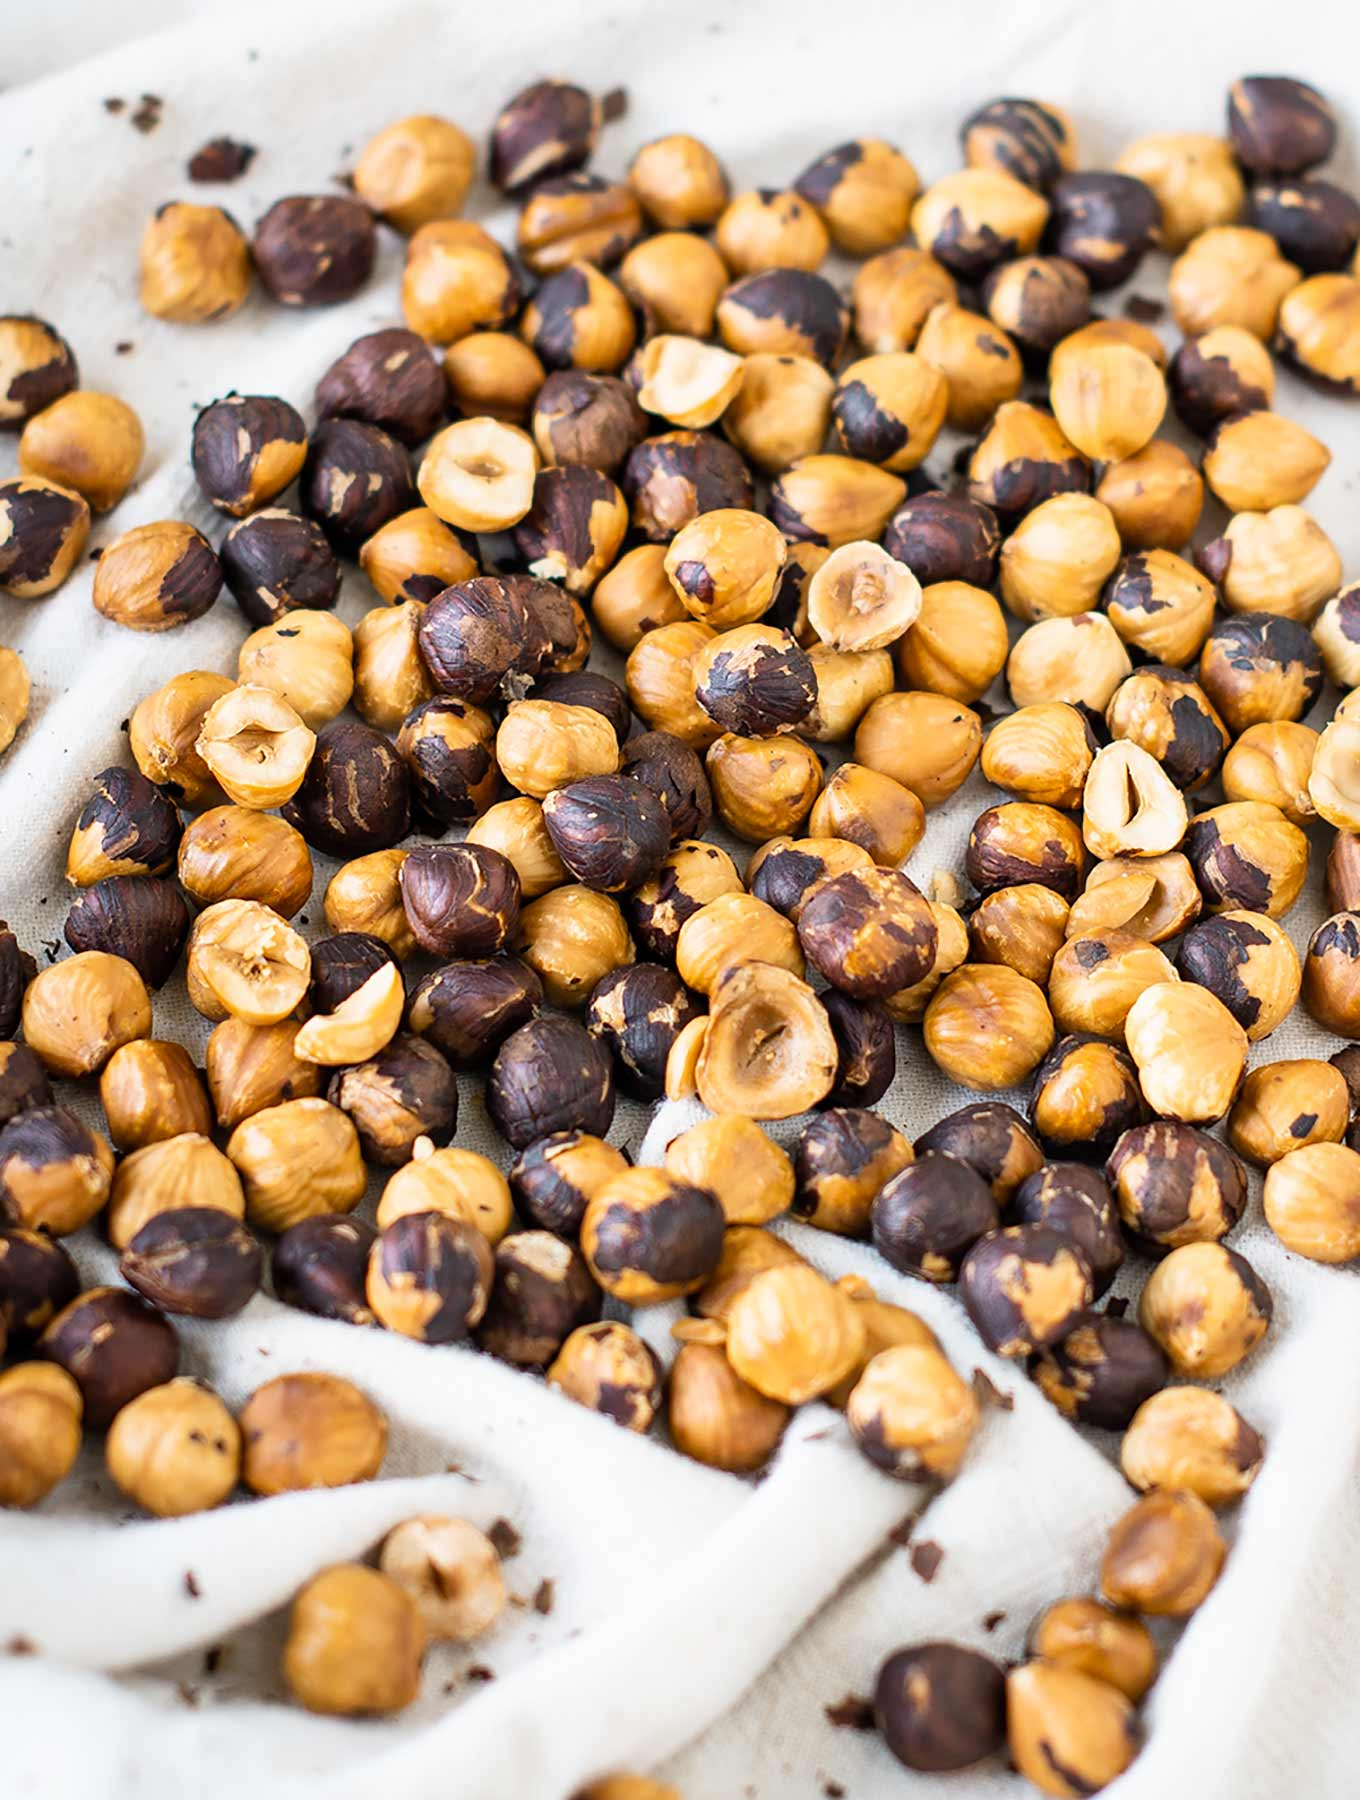 Toasted hazelnuts on a cloth